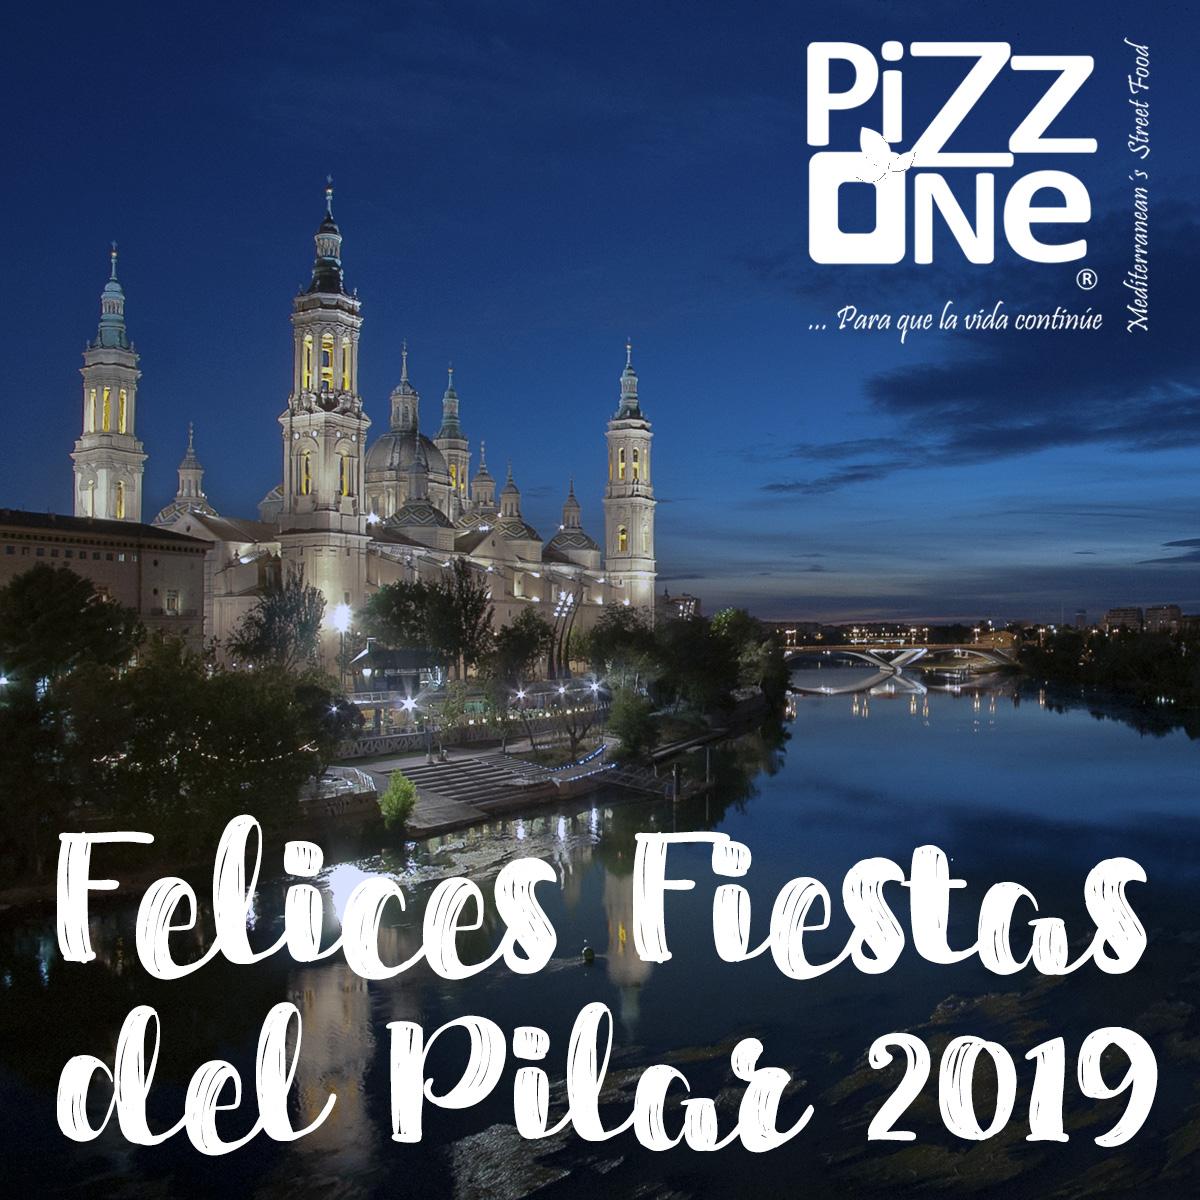 Felices Fiestas del Pilar 2019